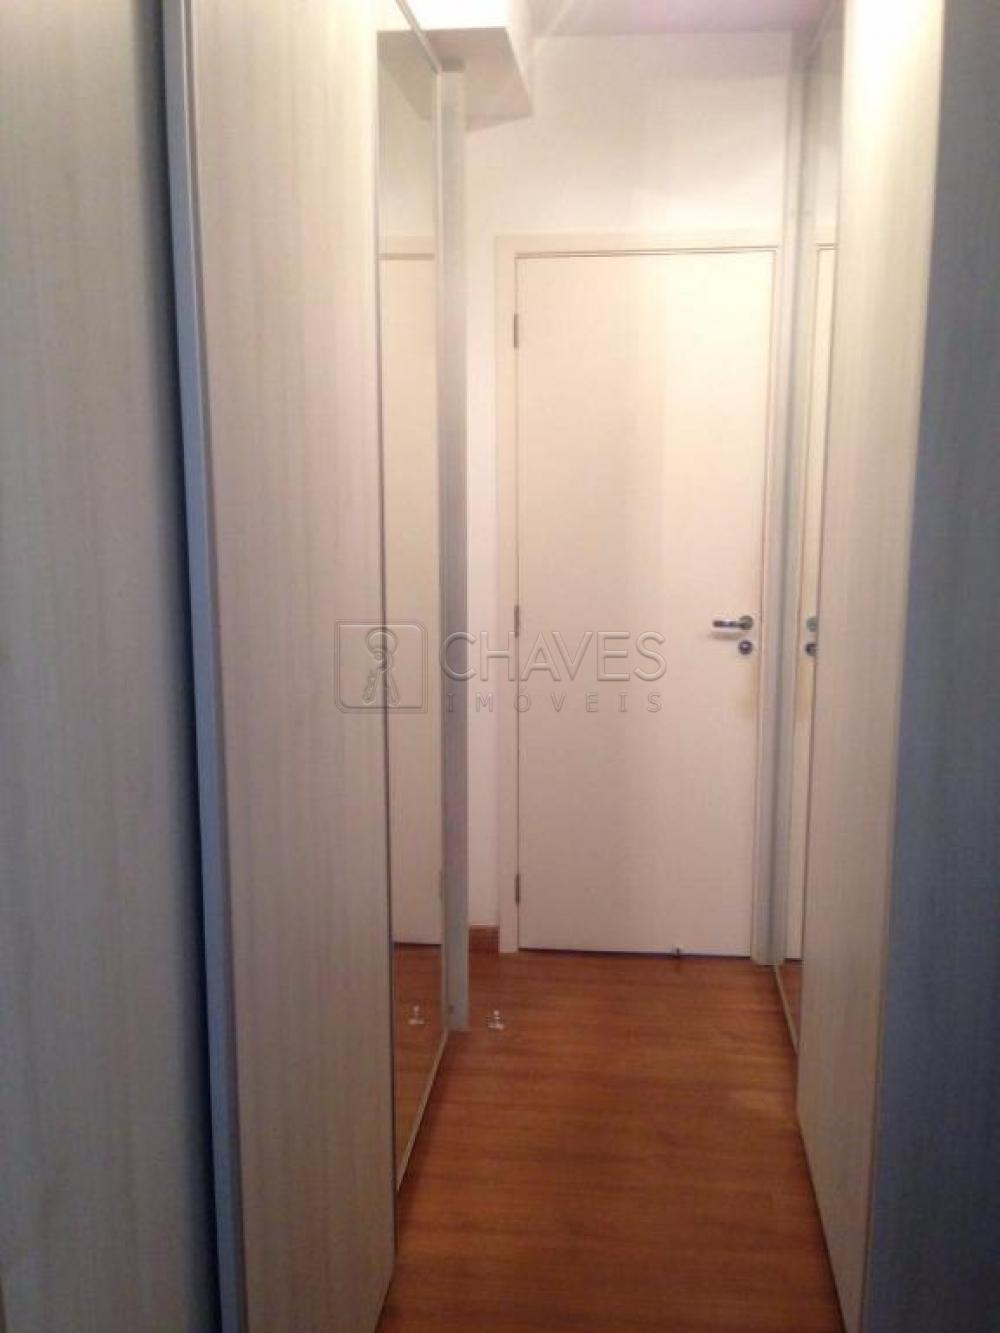 Comprar Apartamento / Padrão em Ribeirão Preto apenas R$ 900.000,00 - Foto 14